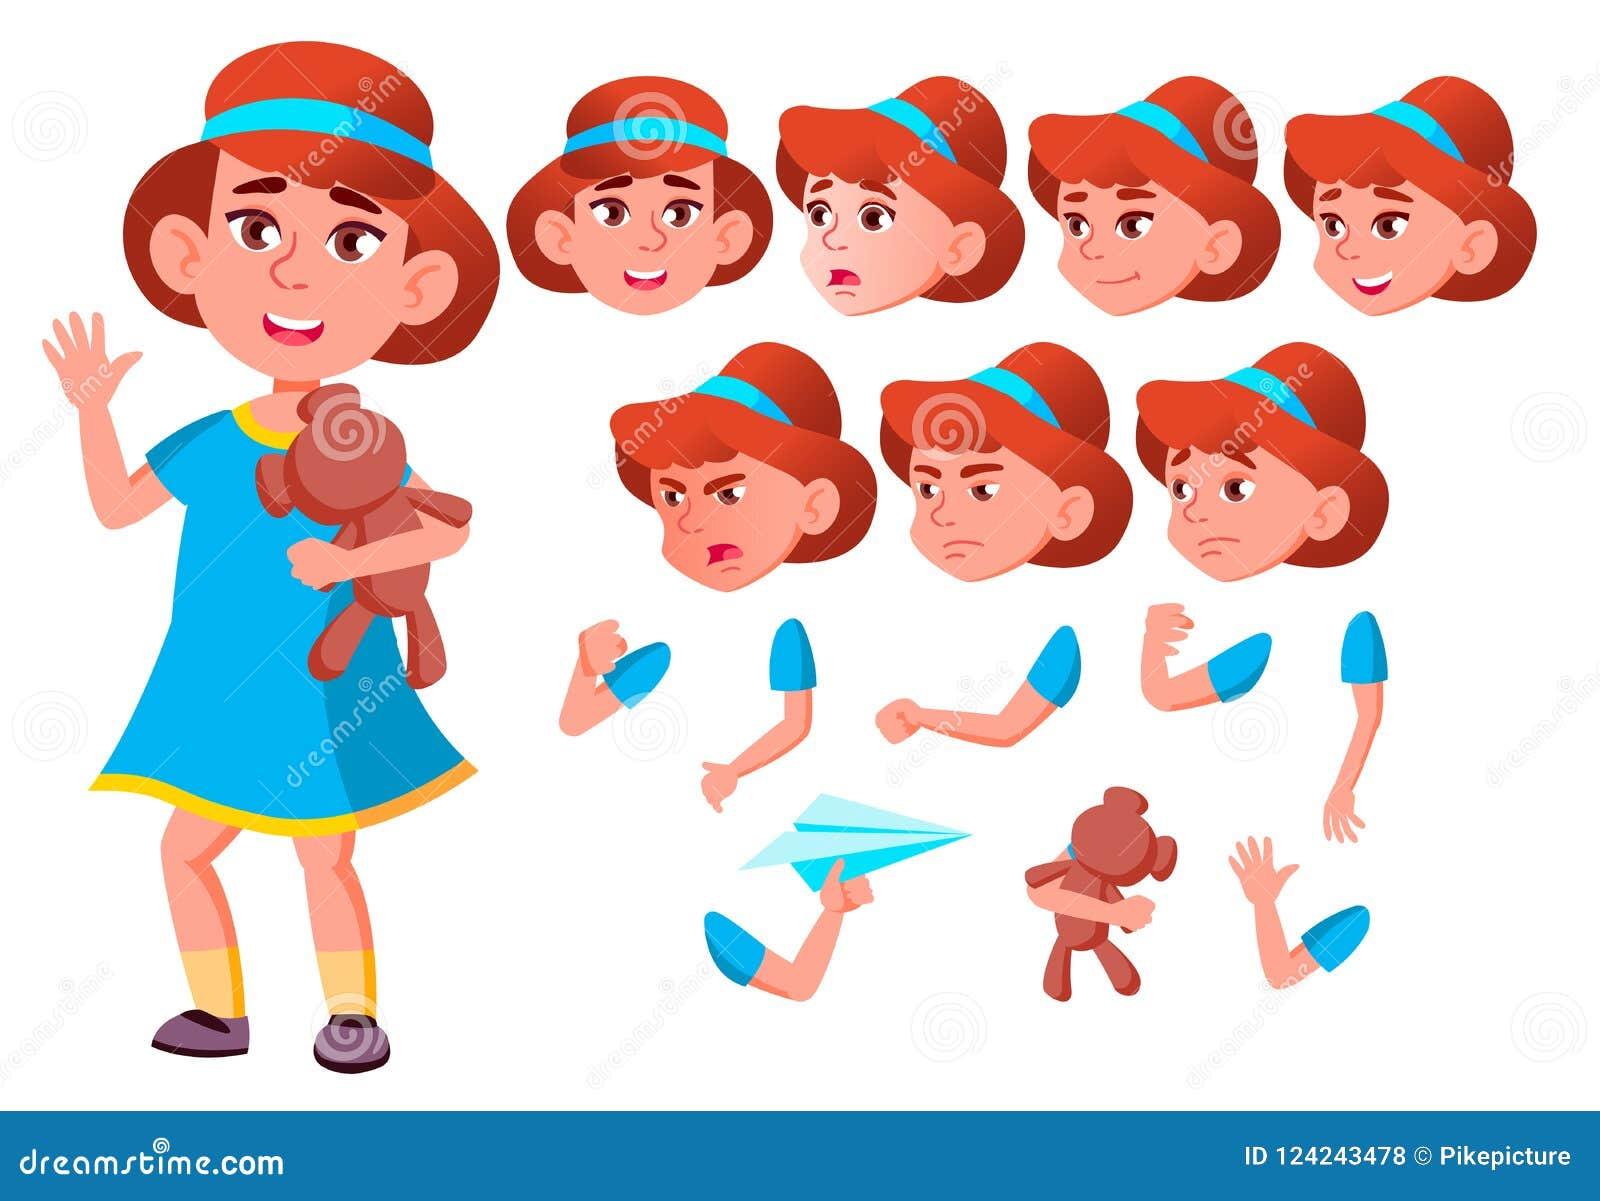 Meisje, Kind, Jong geitje, Tienervector vriend Slimme Positieve Persoon Gezichtsemoties, Diverse Gebaren De Reeks van de animatie